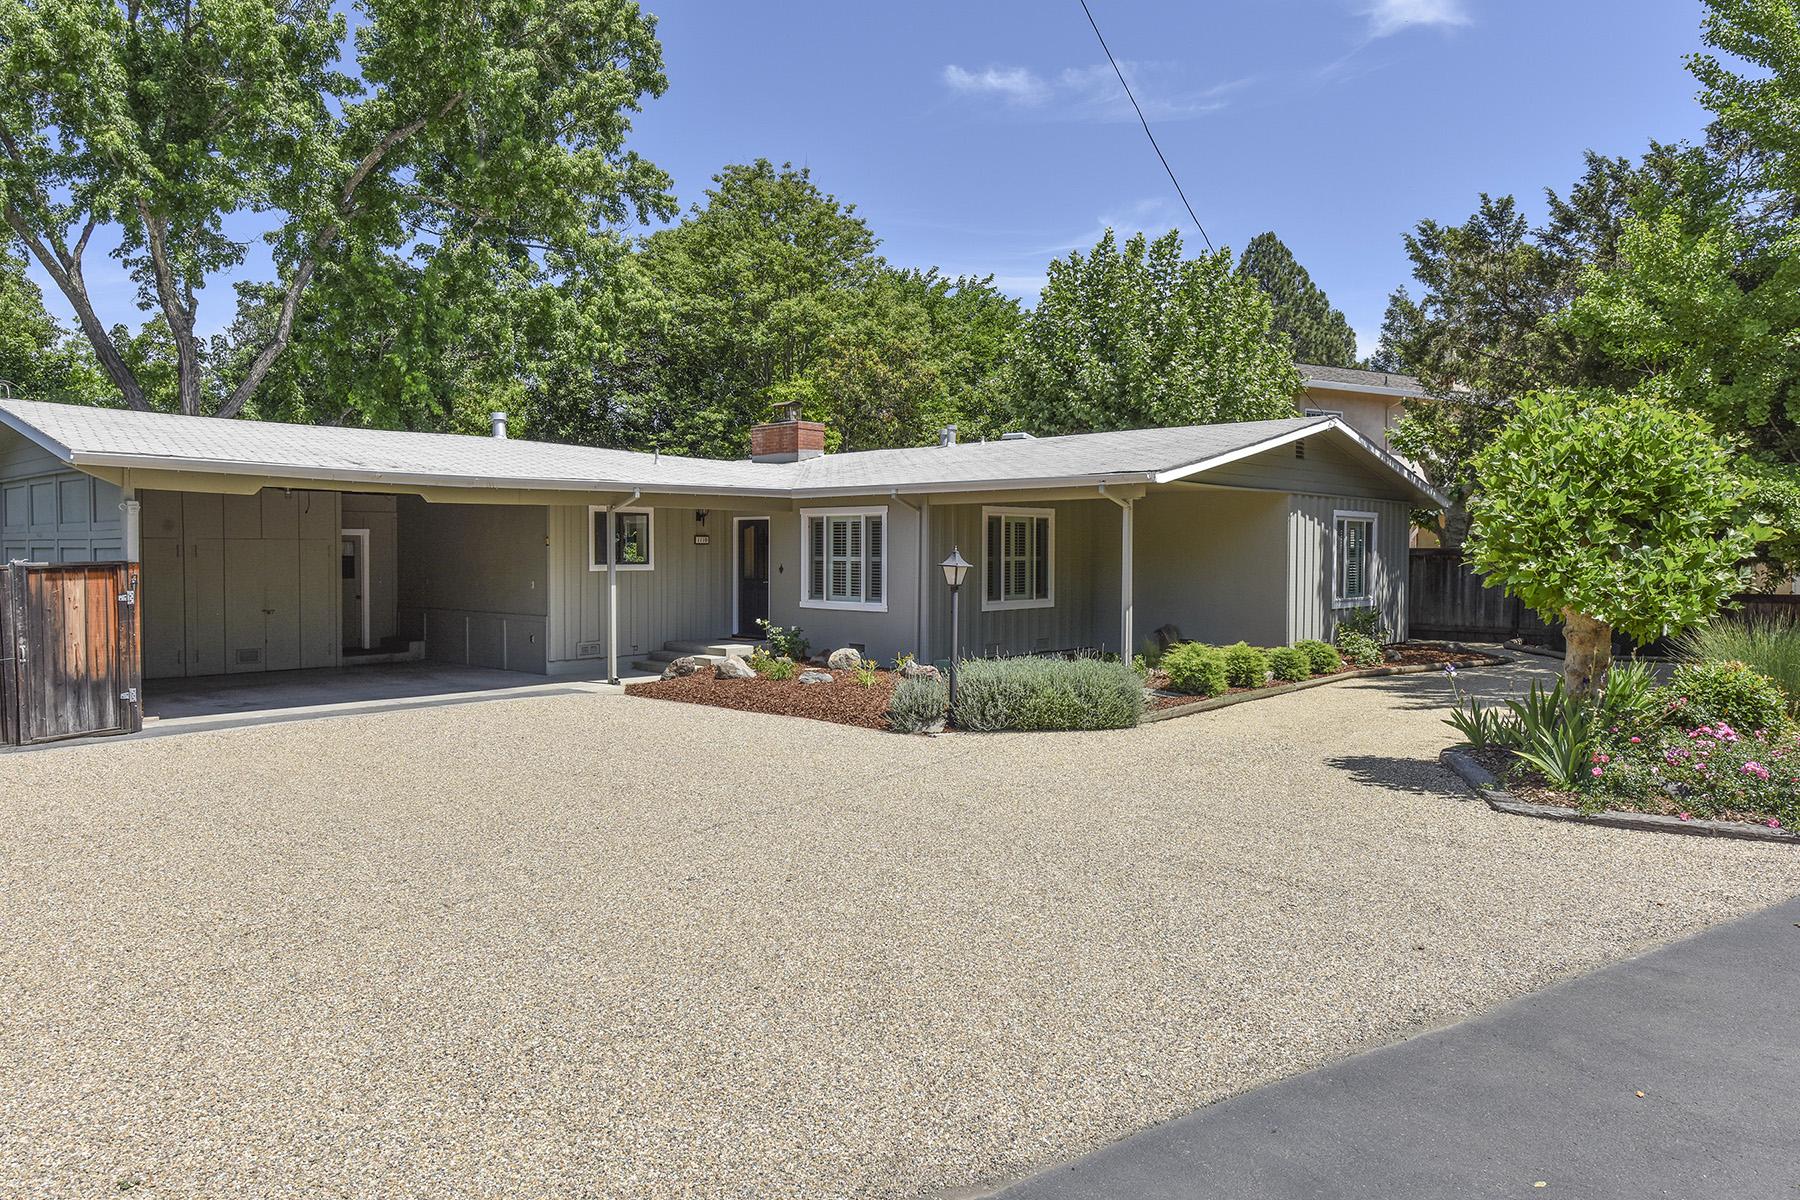 단독 가정 주택 용 매매 에 1110 N Crane Ave, St. Helena, CA 94574 St. Helena, 캘리포니아, 94574 미국